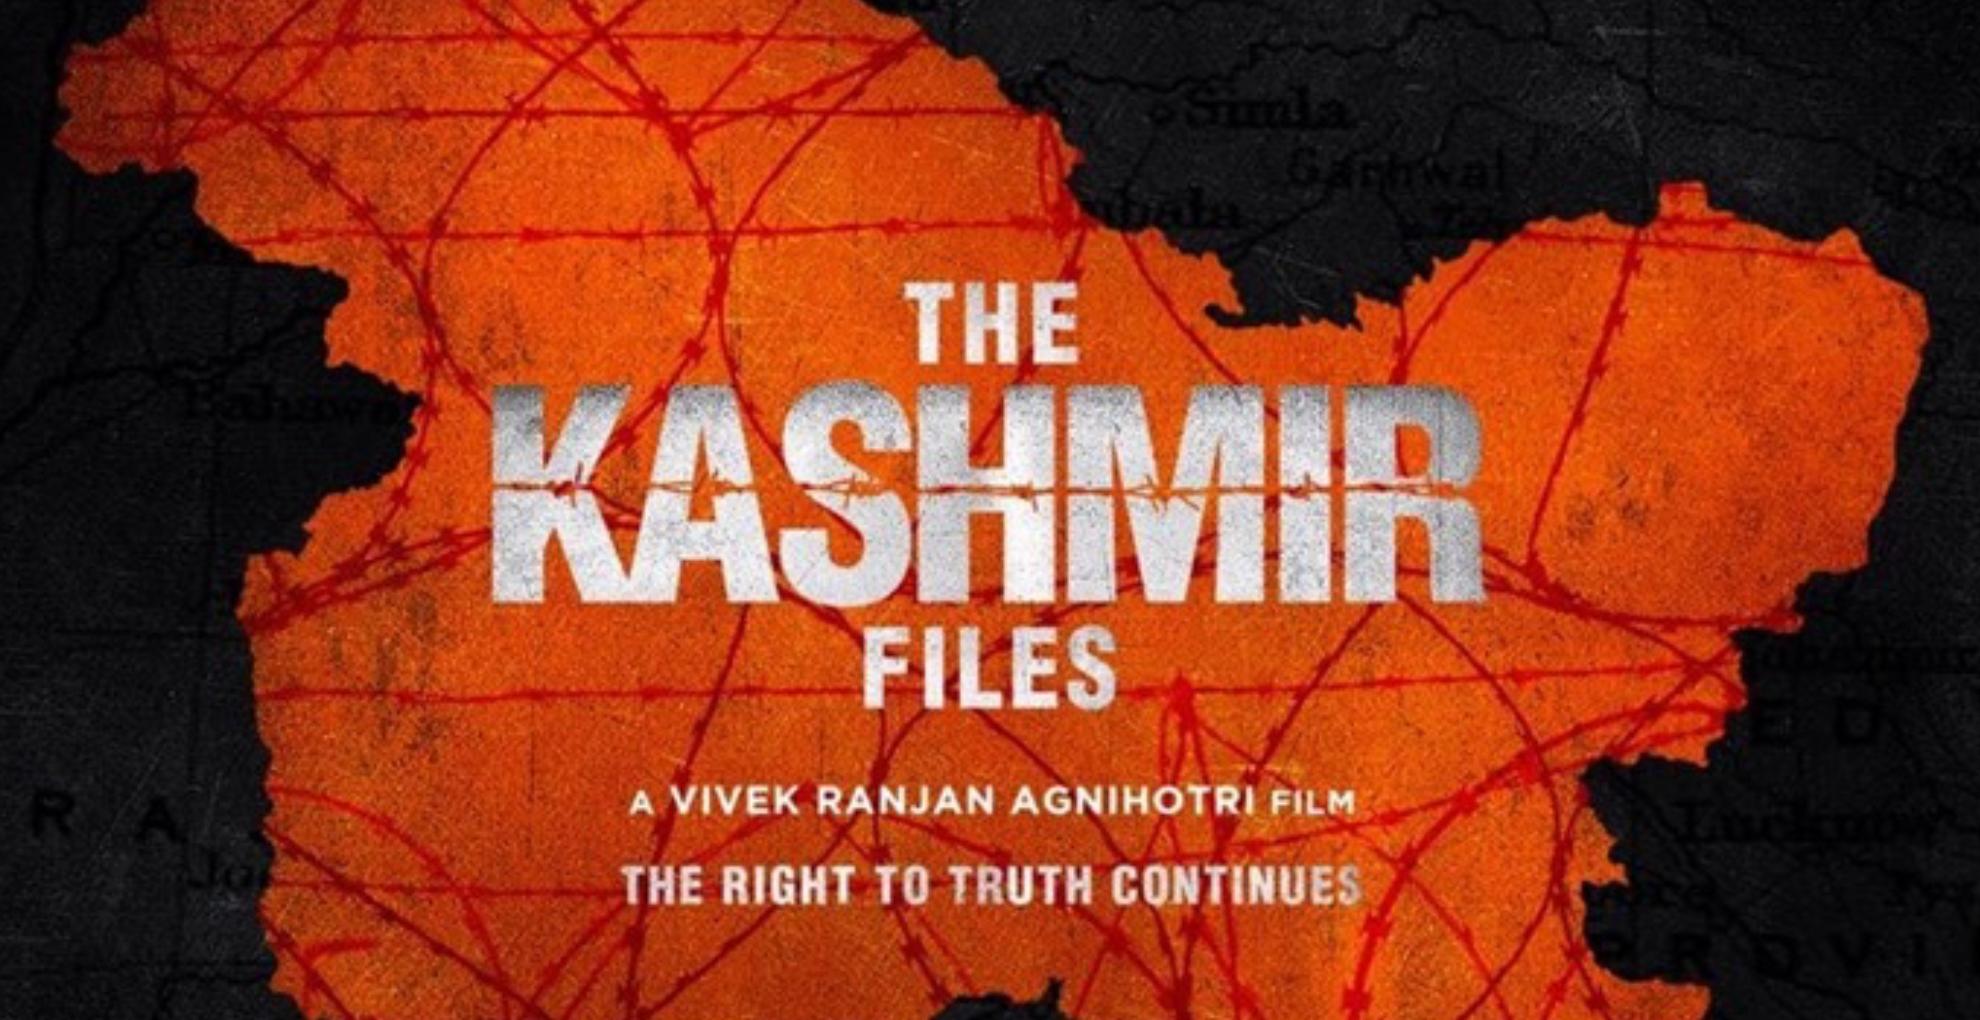 The Kashmir Files: द ताशकंद फाइल्स के बाद कश्मीर पर फिल्म बनाएंगे विवेक अग्निहोत्री, इस दिन रिलीज होगी मूवी